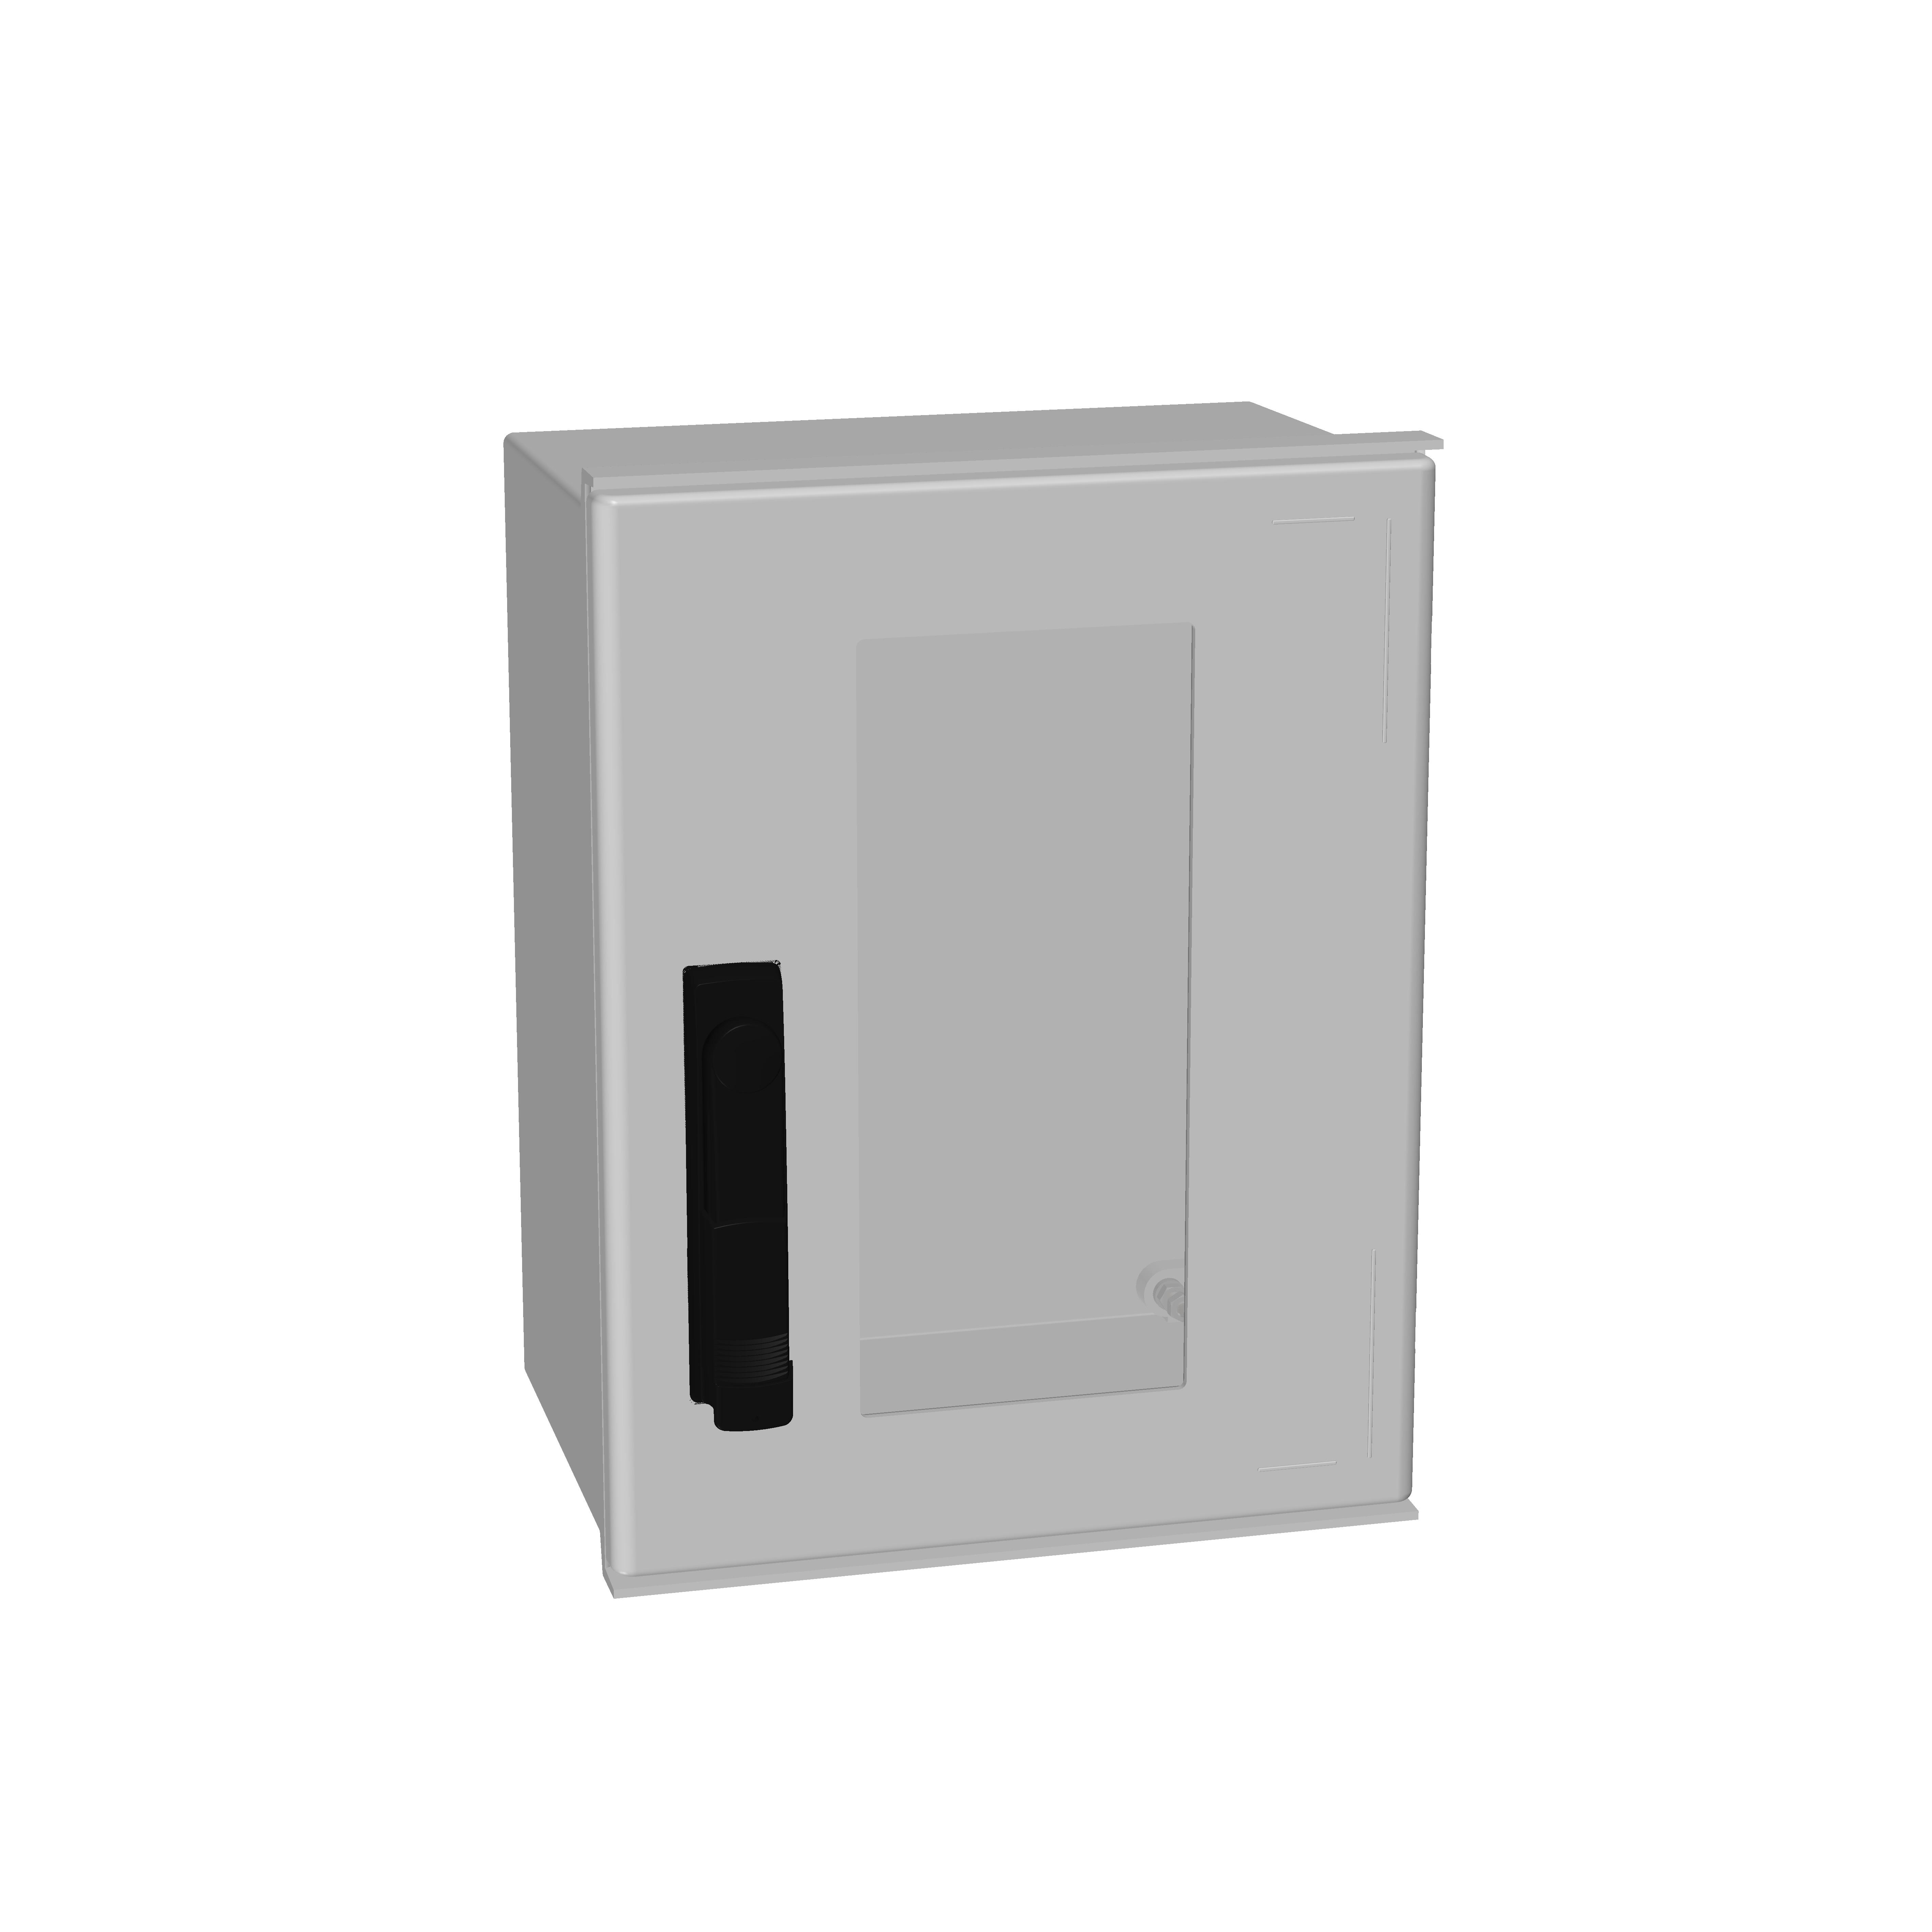 1 Stk Minipol-Wandschrank 3-Punkt Stangenverschl.+SF 400x300x200mm IM088943--